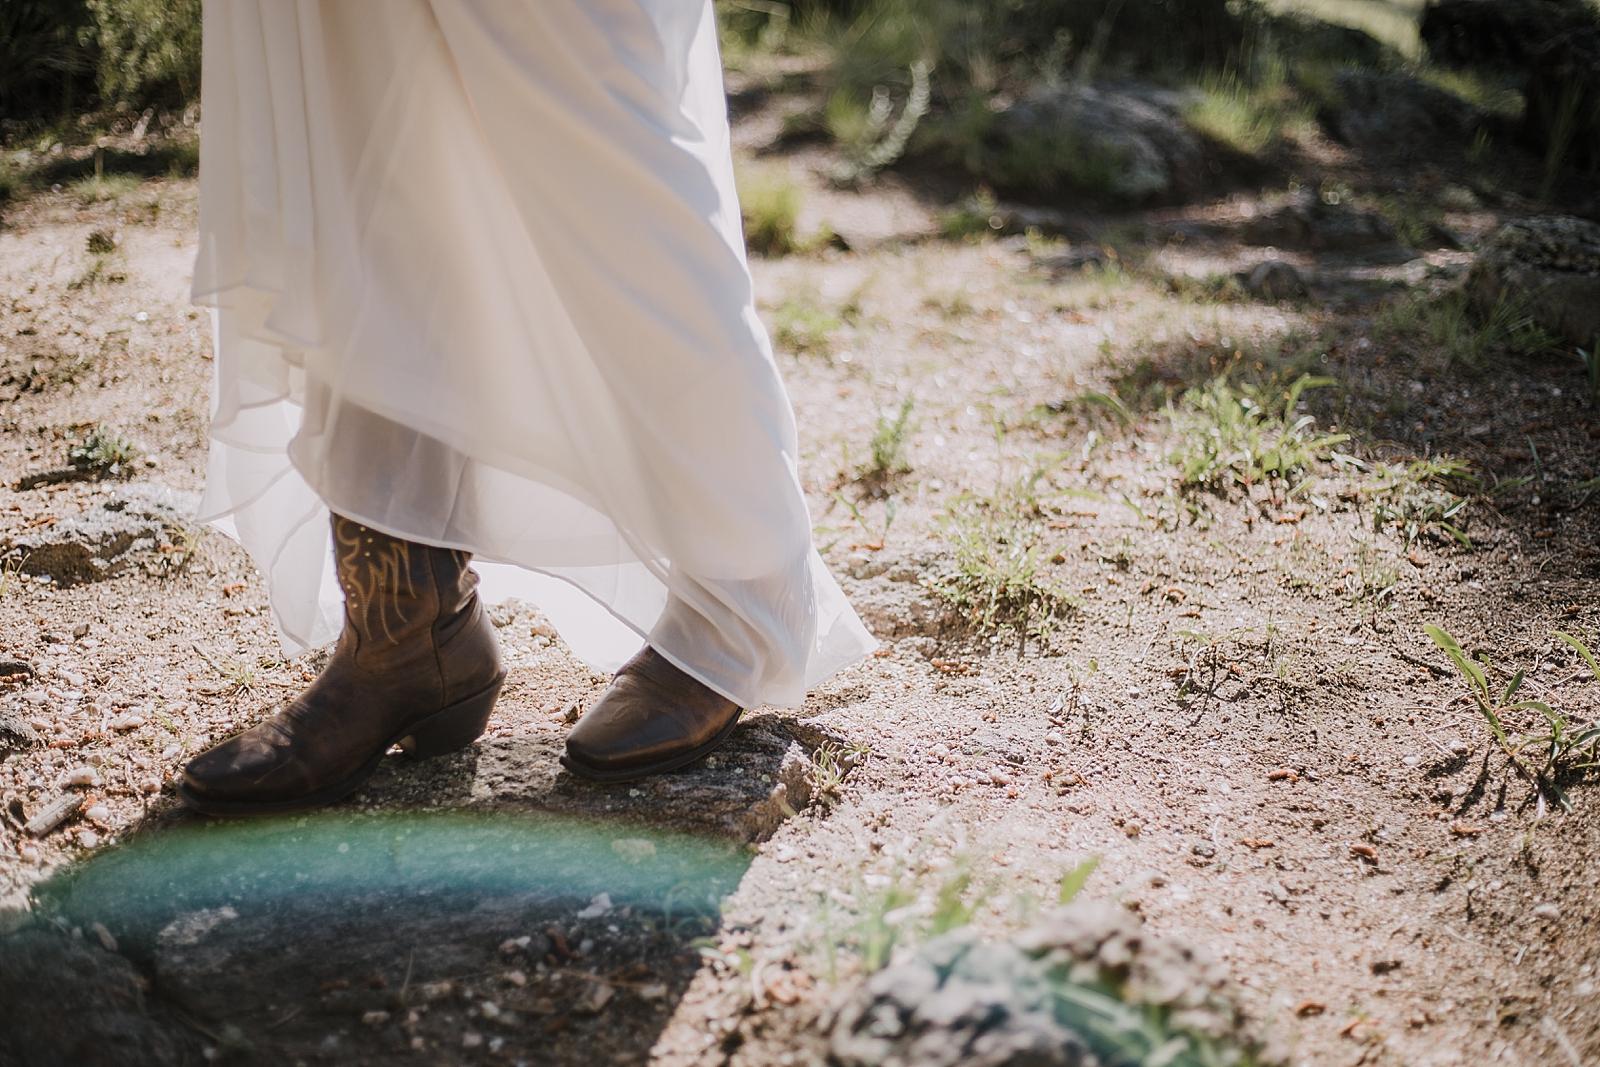 brides boots, RMNP elopement ceremony, rocky mountain national park elopement, 3M curves elopement, self solemnizing, self solemnization, long's peak, summer hiking elopement, estes park elopement